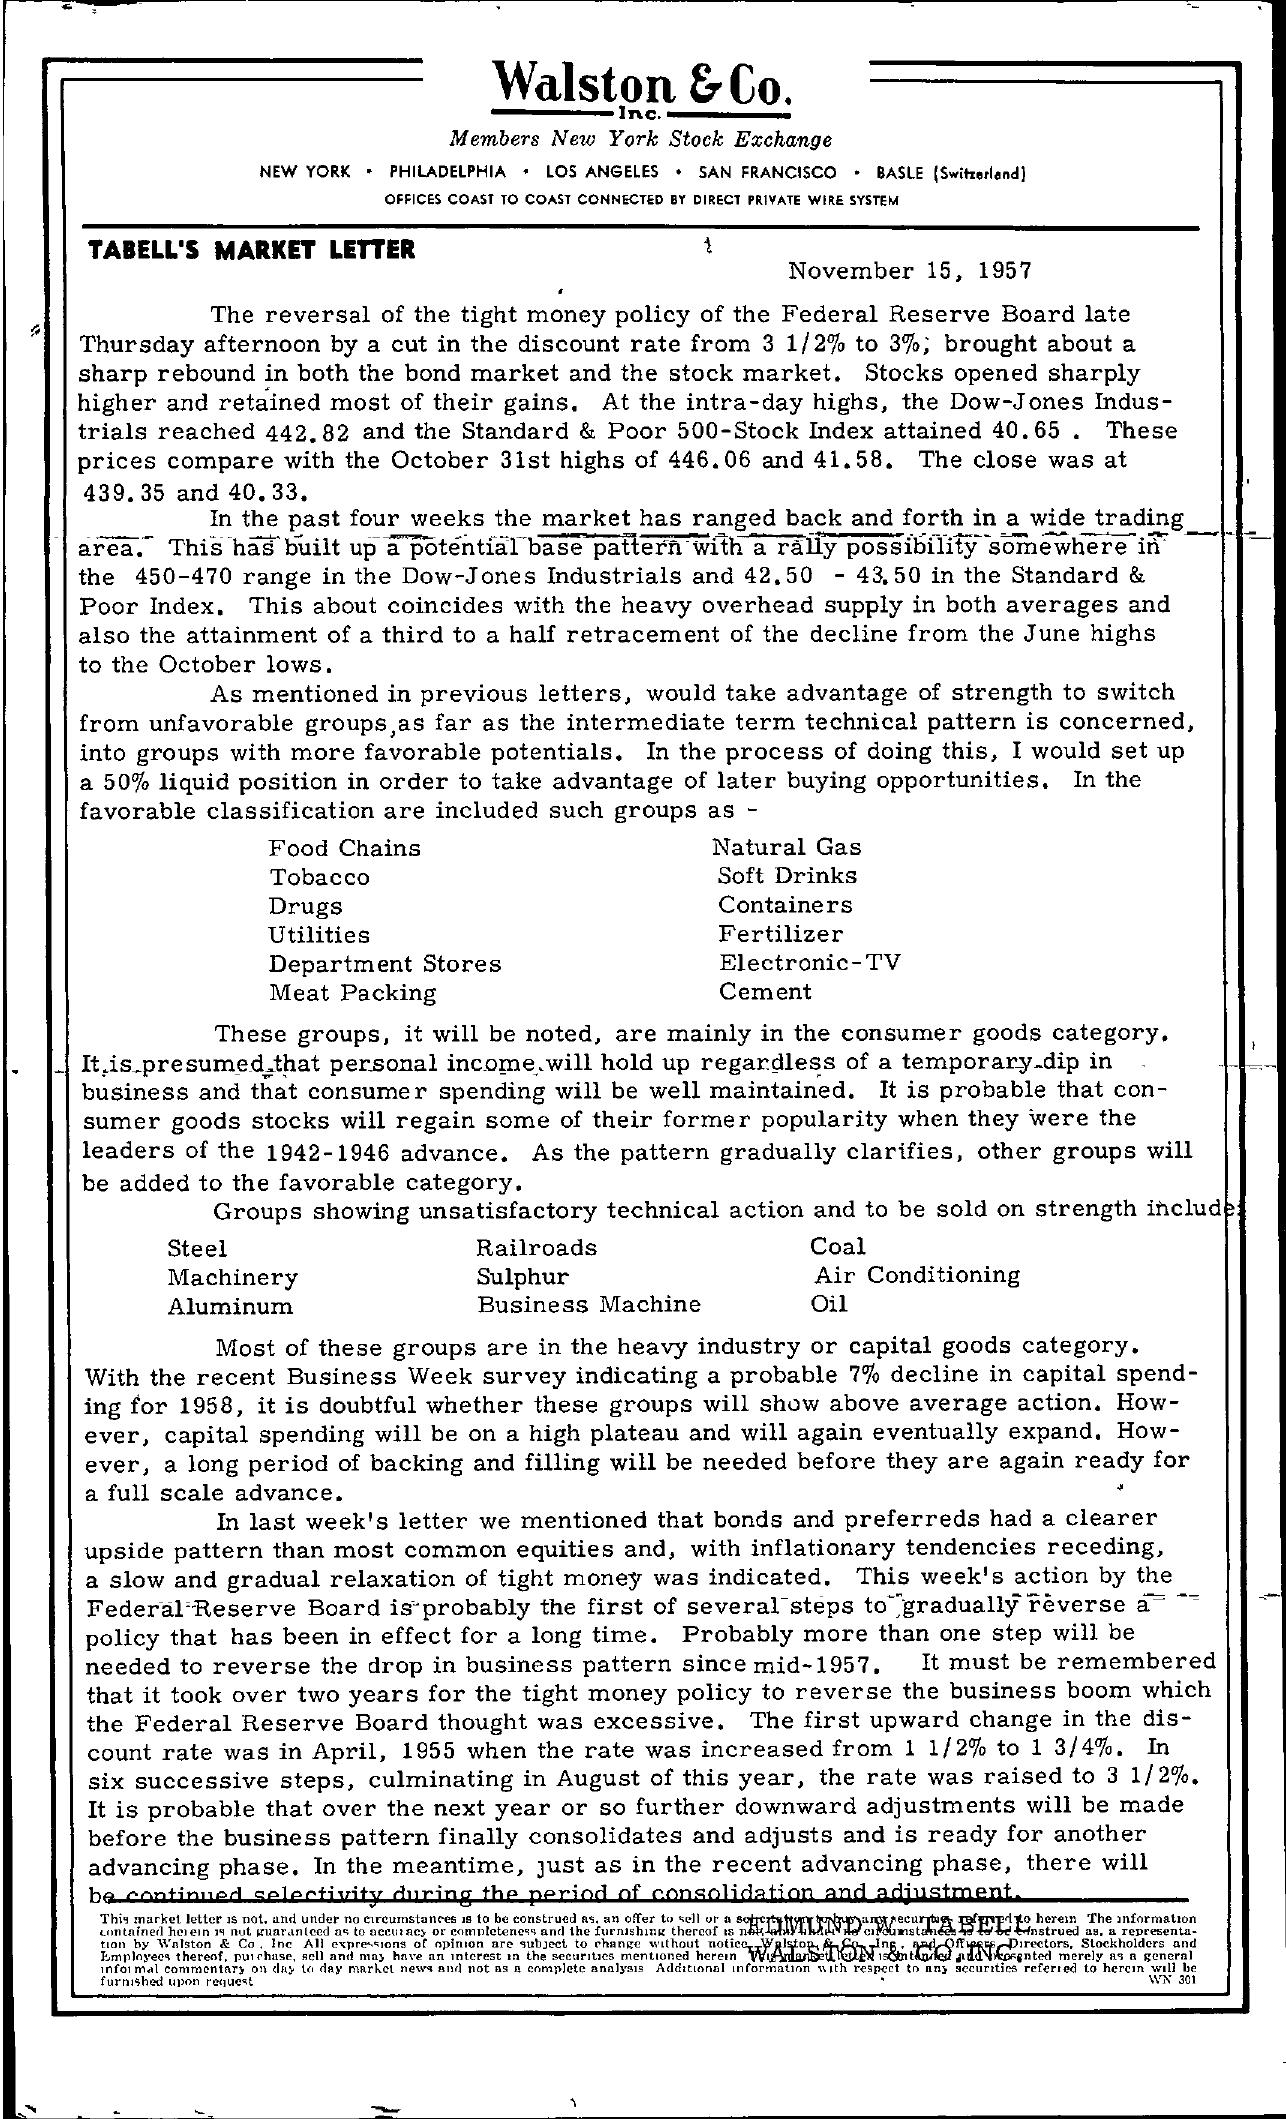 Tabell's Market Letter - November 15, 1957